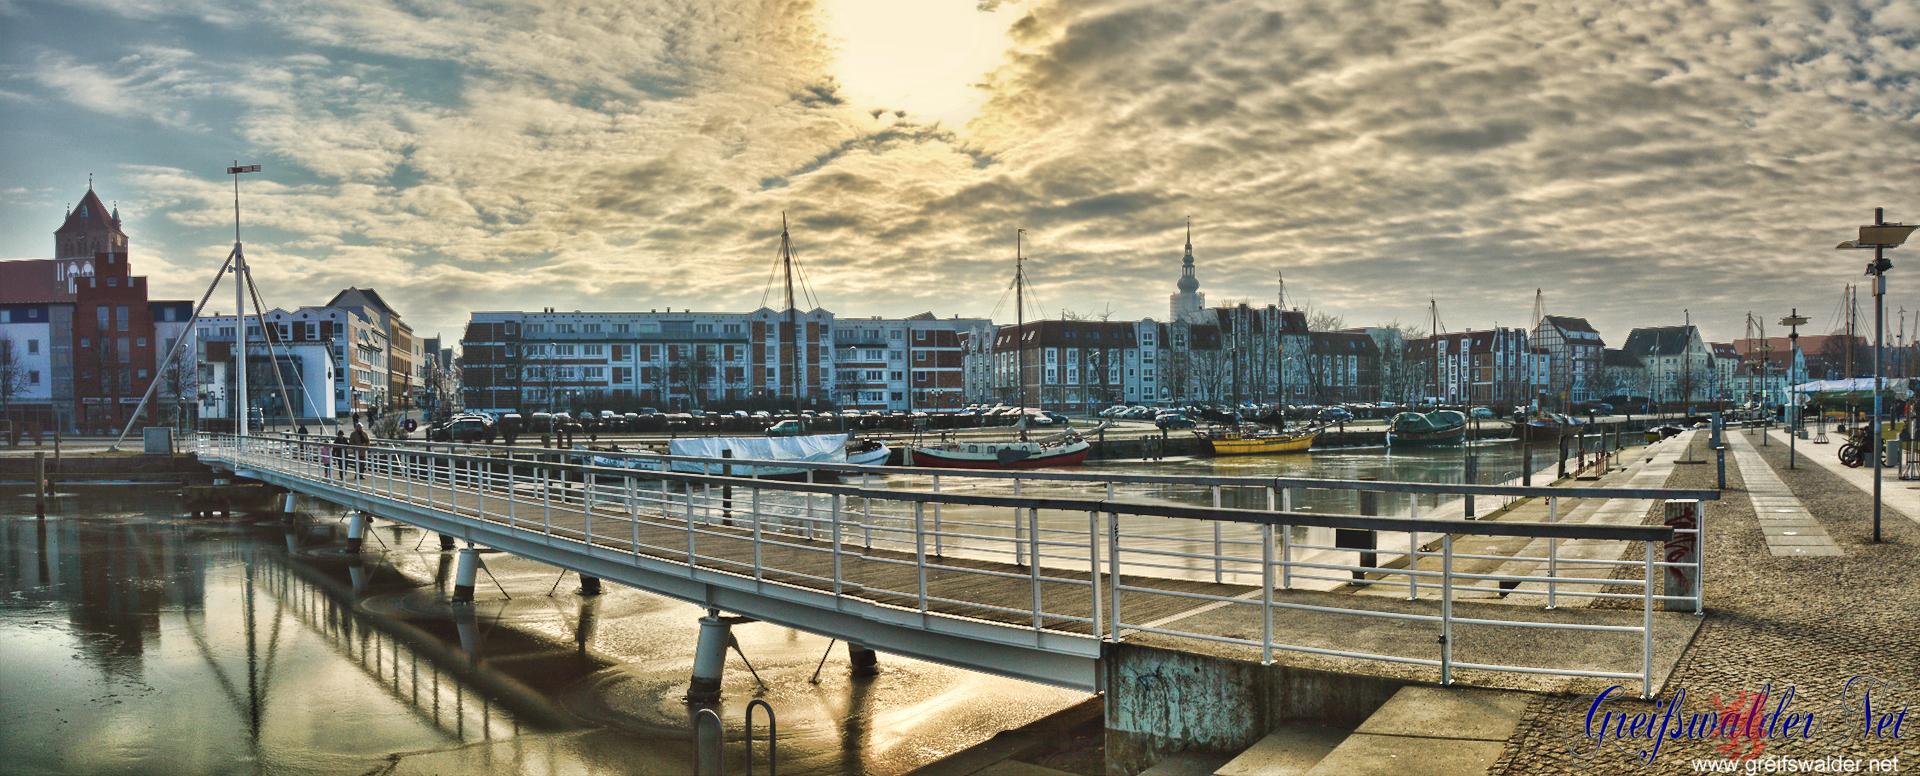 Sonntagnachmittag am Museumshafen in Greifswald